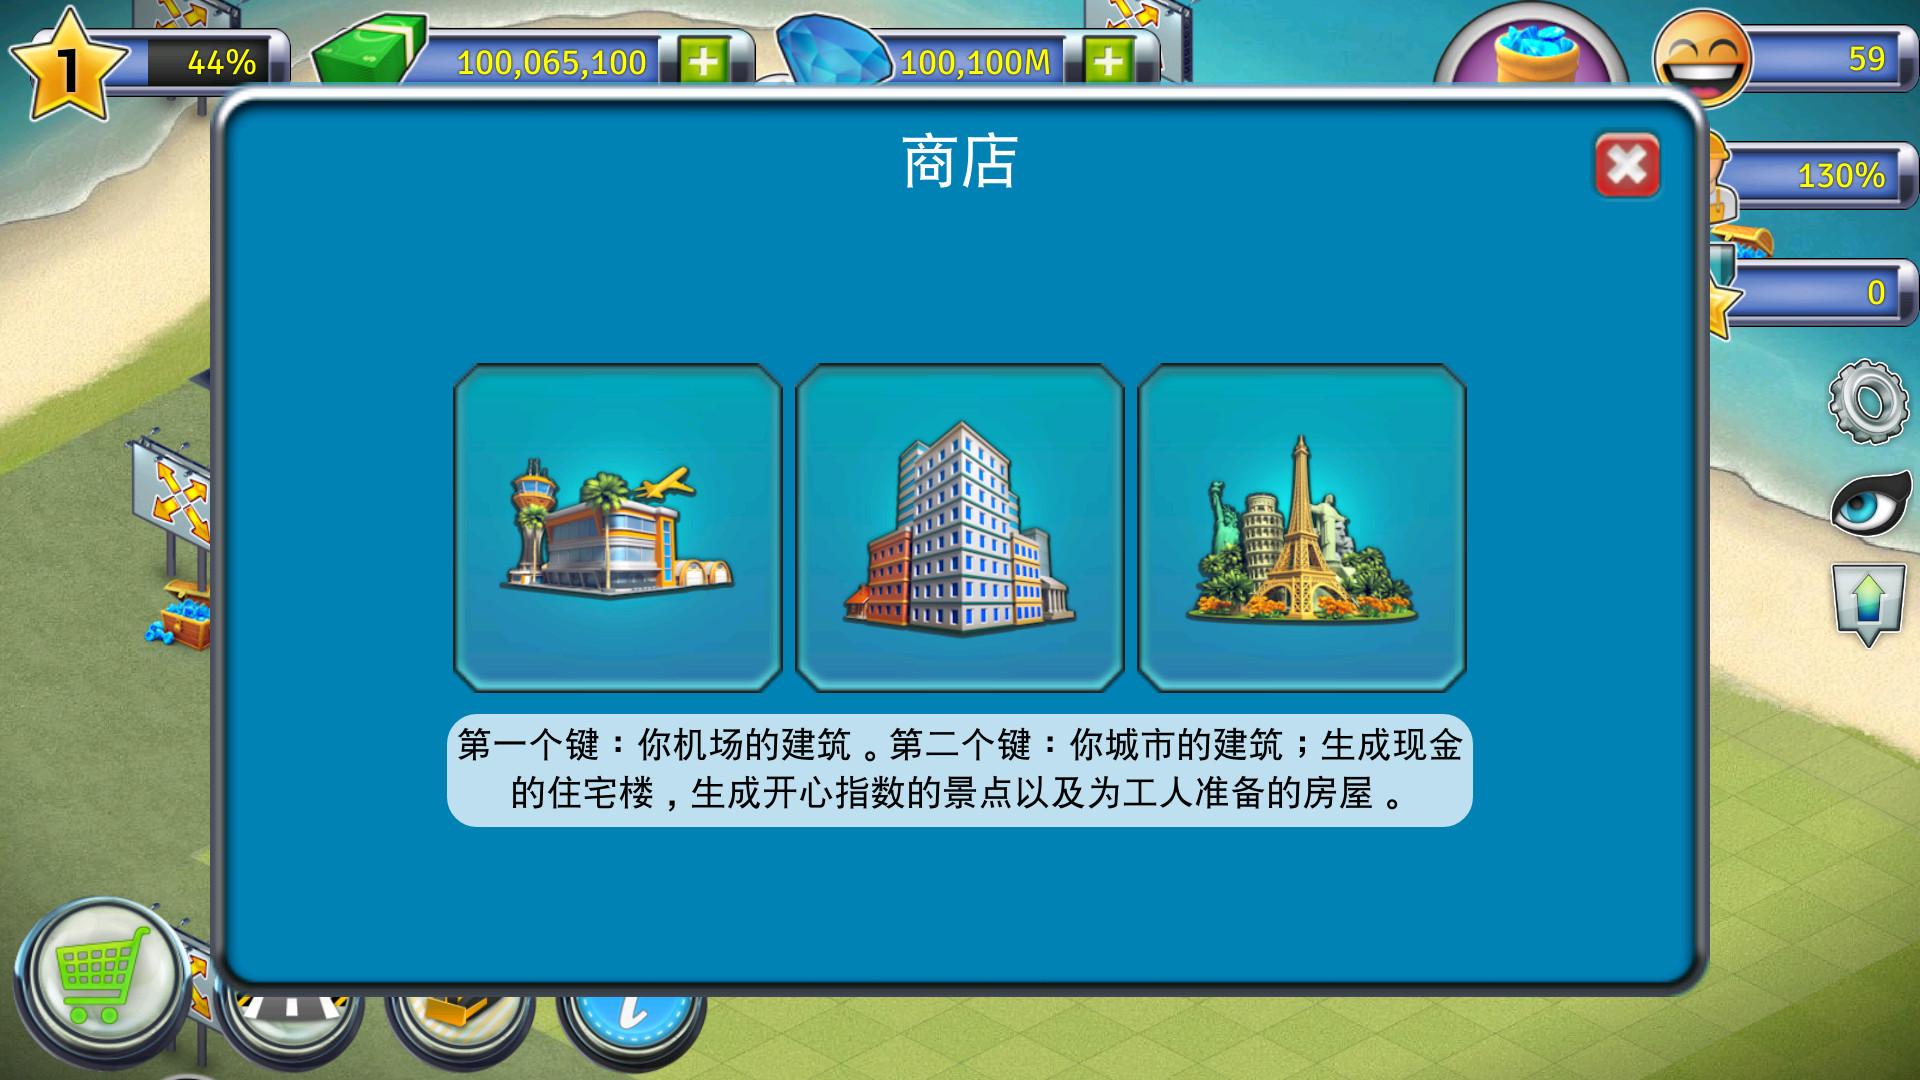 在这个类似模拟城市的游戏中,建造并管理你的城市岛屿    - 让飞机